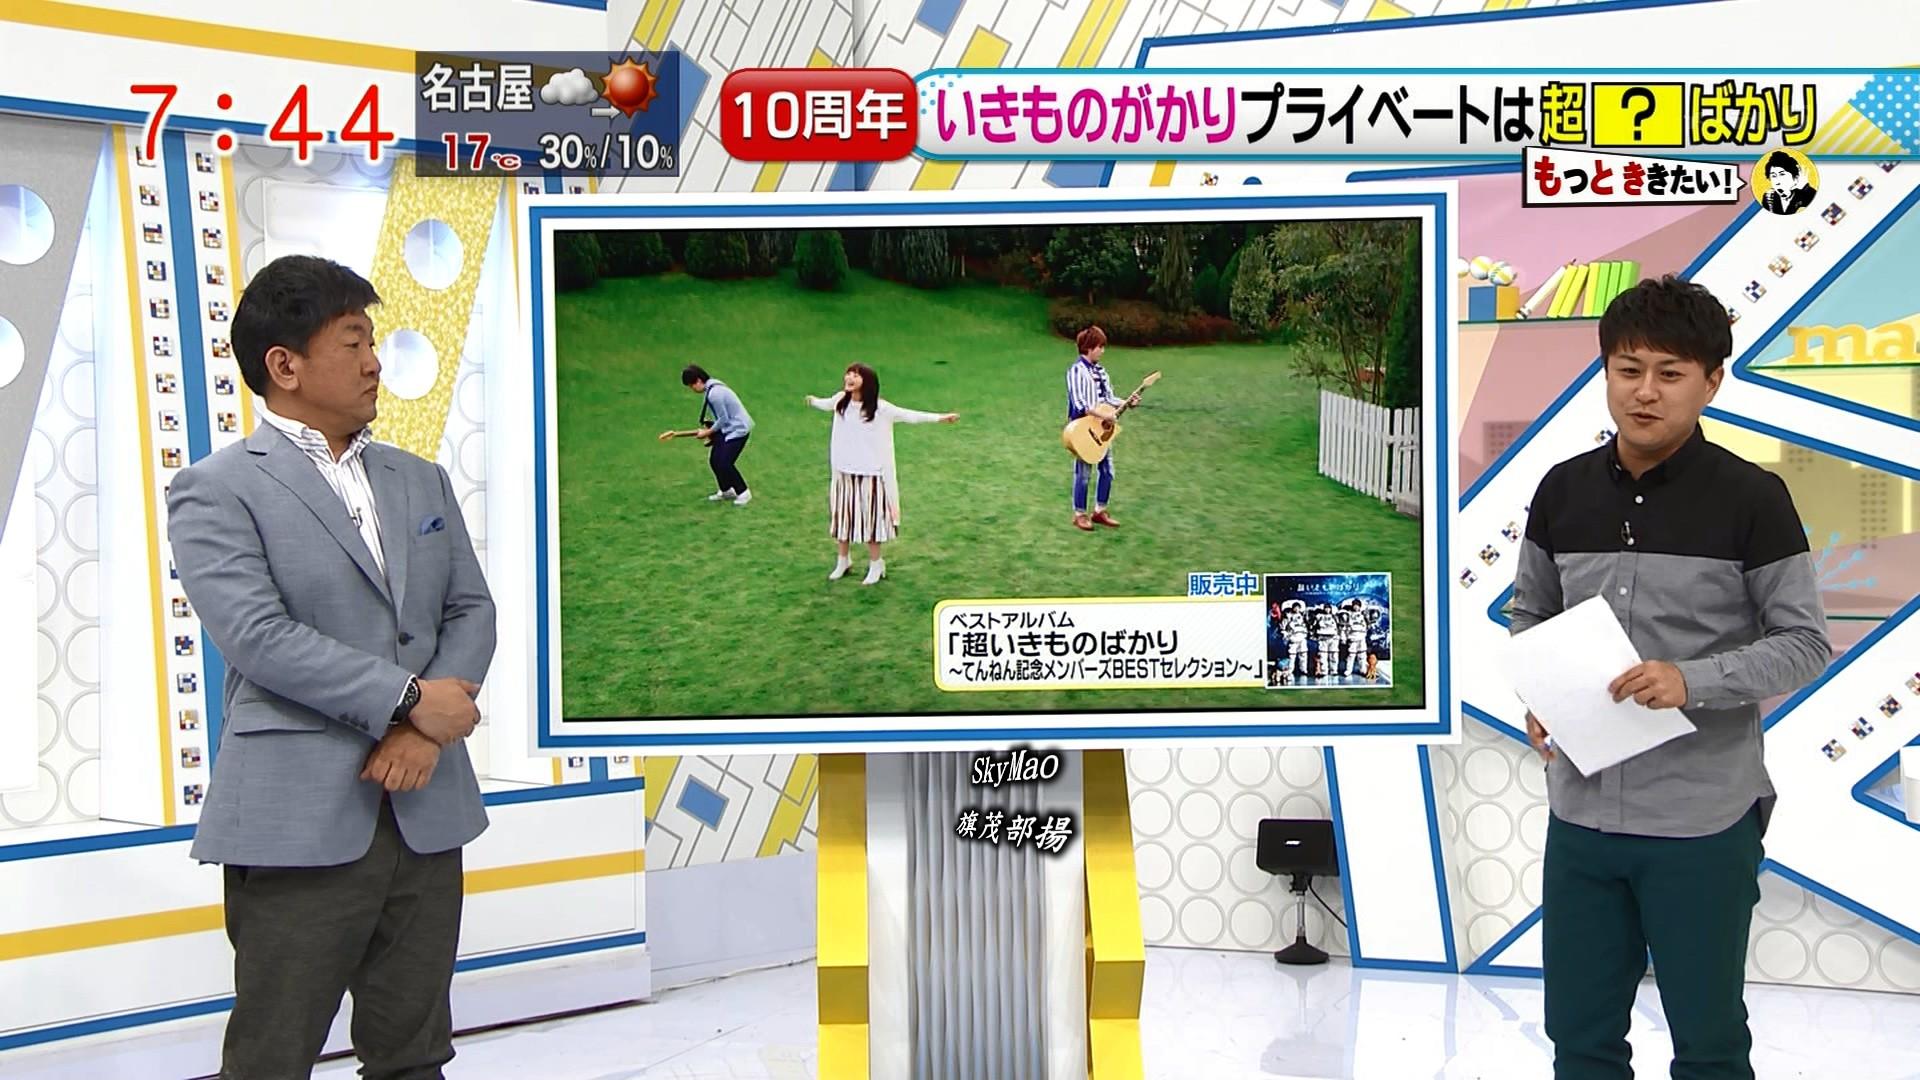 2016.03.28 いきものがかり(ドデスカ!).ts_20160328_141634.484